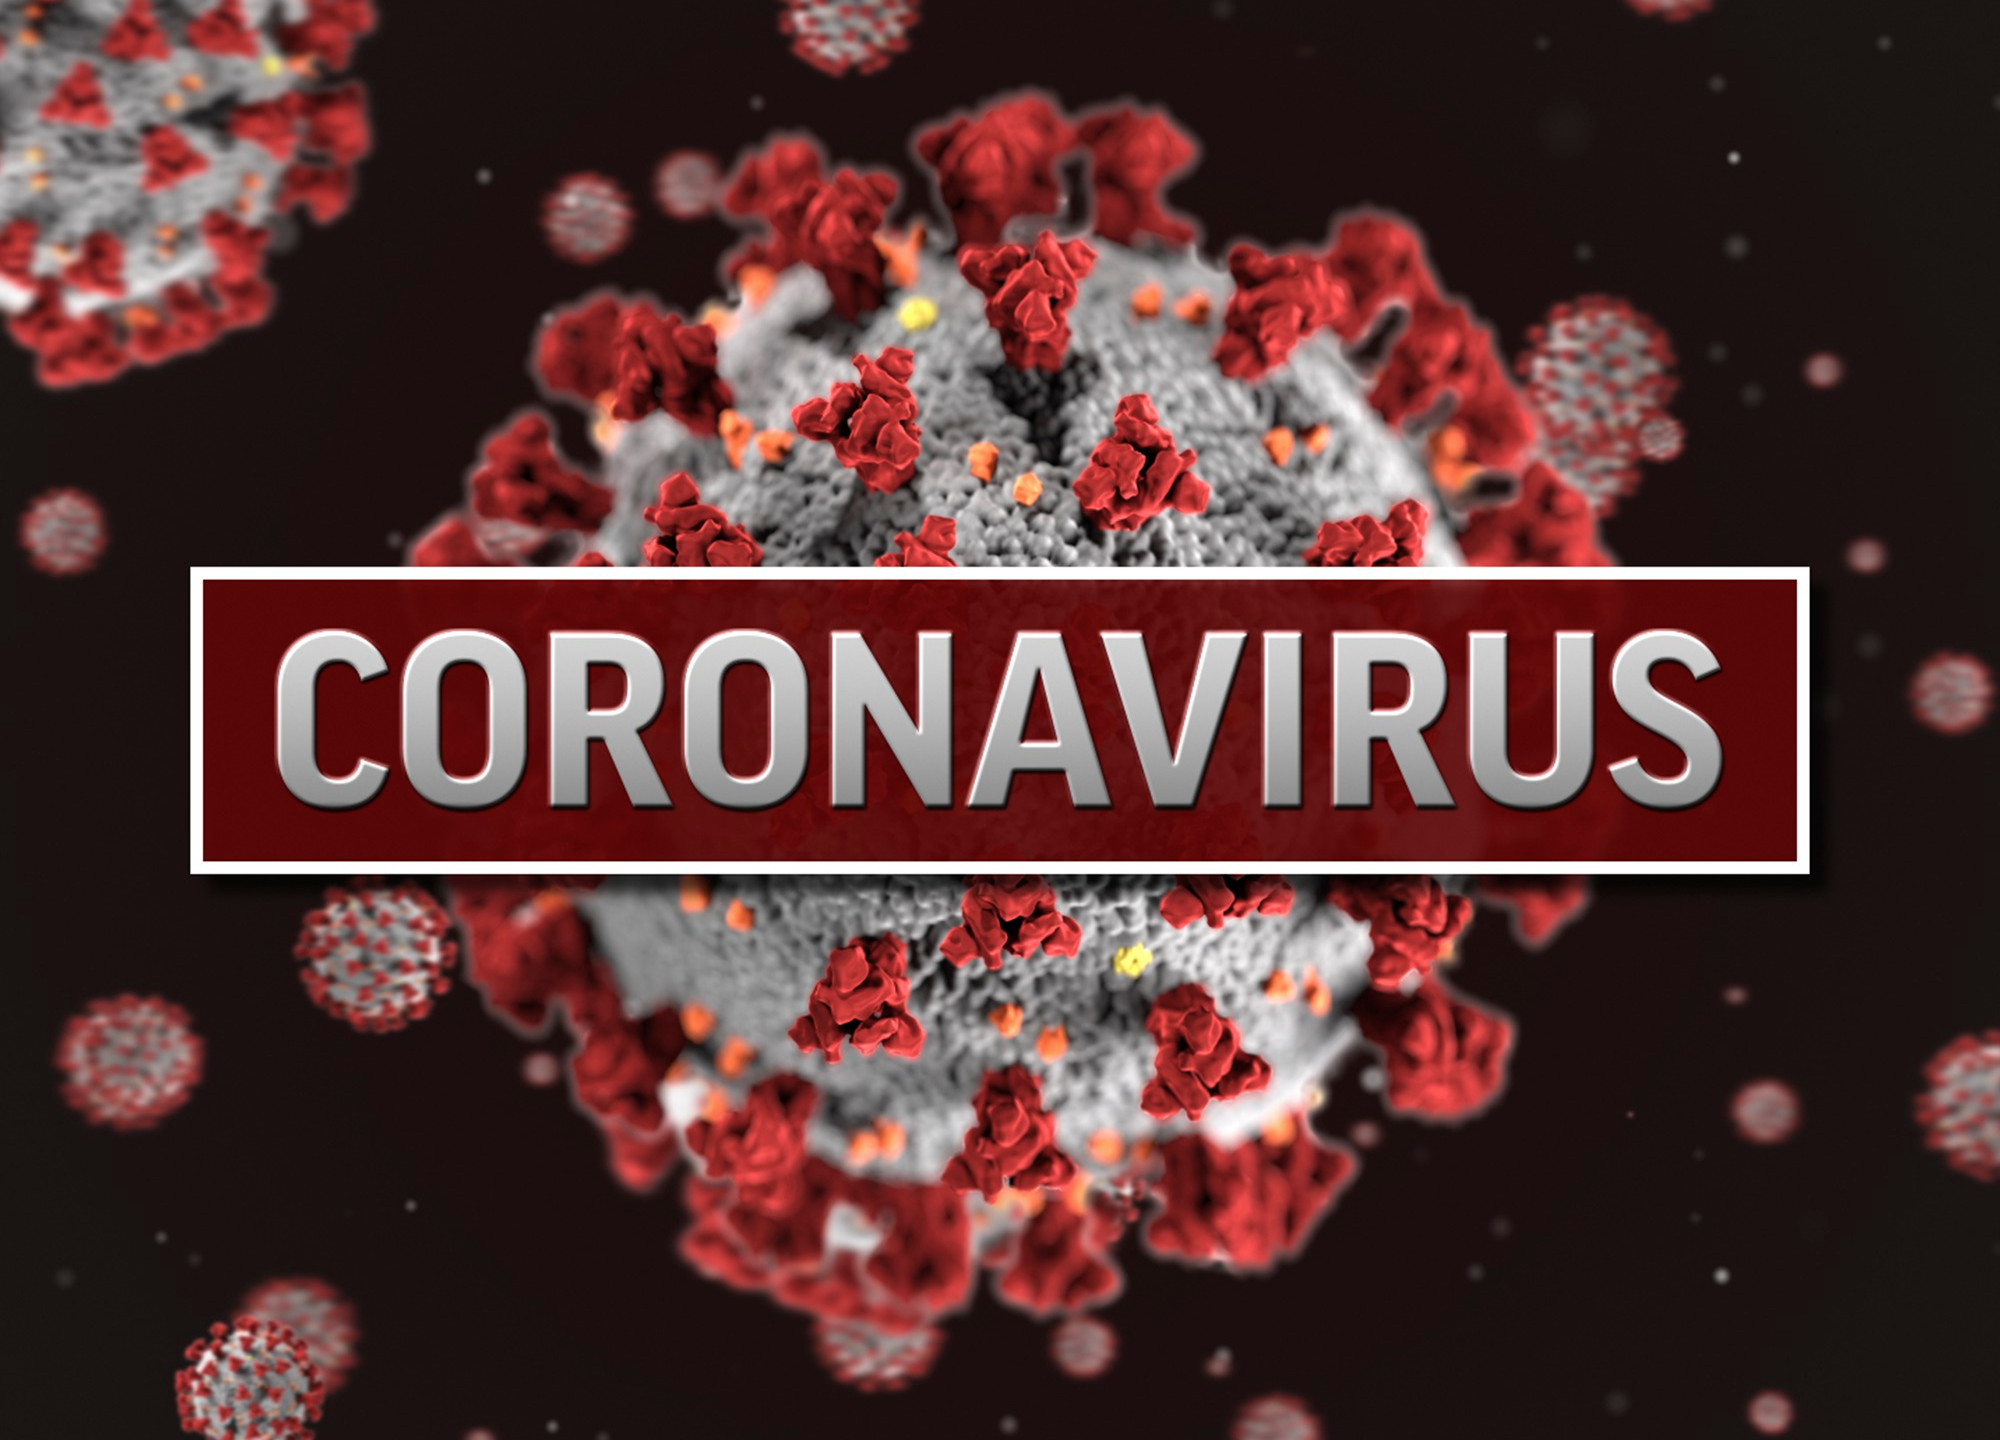 كورونا-فايروس-1